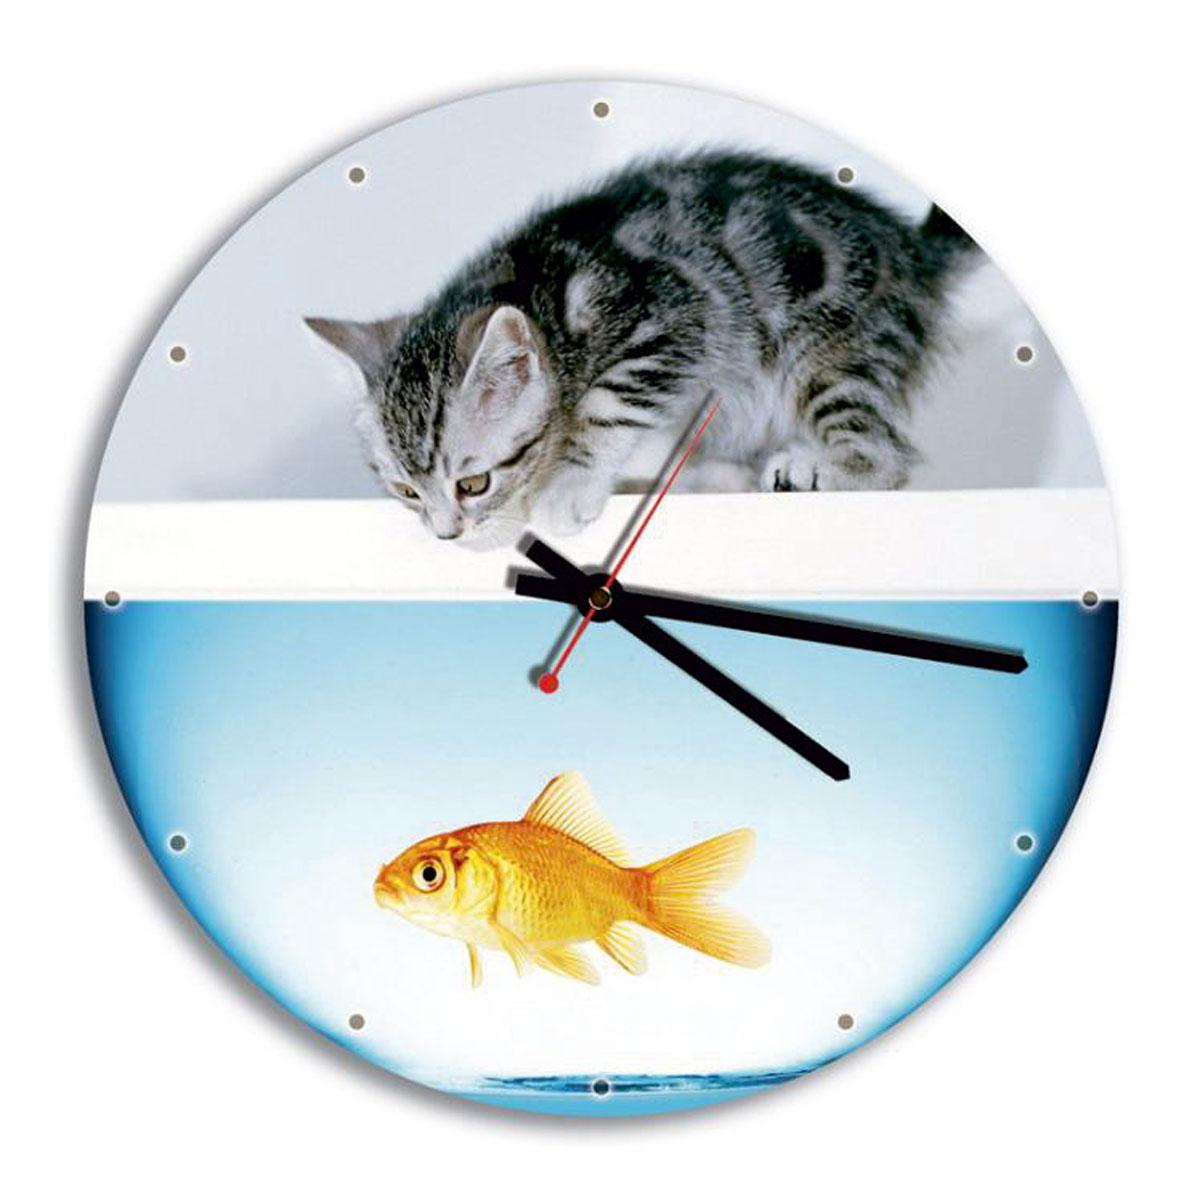 Часы настенные Miolla Аквариум94672Оригинальные настенные часы круглой формы Miolla Аквариум выполнены из закаленного стекла. Часы имеют три стрелки - часовую, минутную и секундную. Необычное дизайнерское решение и качество исполнения придутся по вкусу каждому.Оформите свой дом таким интерьерным аксессуаром или преподнесите его в качестве презента друзьям, и они оценят ваш оригинальный вкус и неординарность подарка. Часы работают от 1 батарейки типа АА напряжением 1,5 В.Диаметр часов: 28 см.